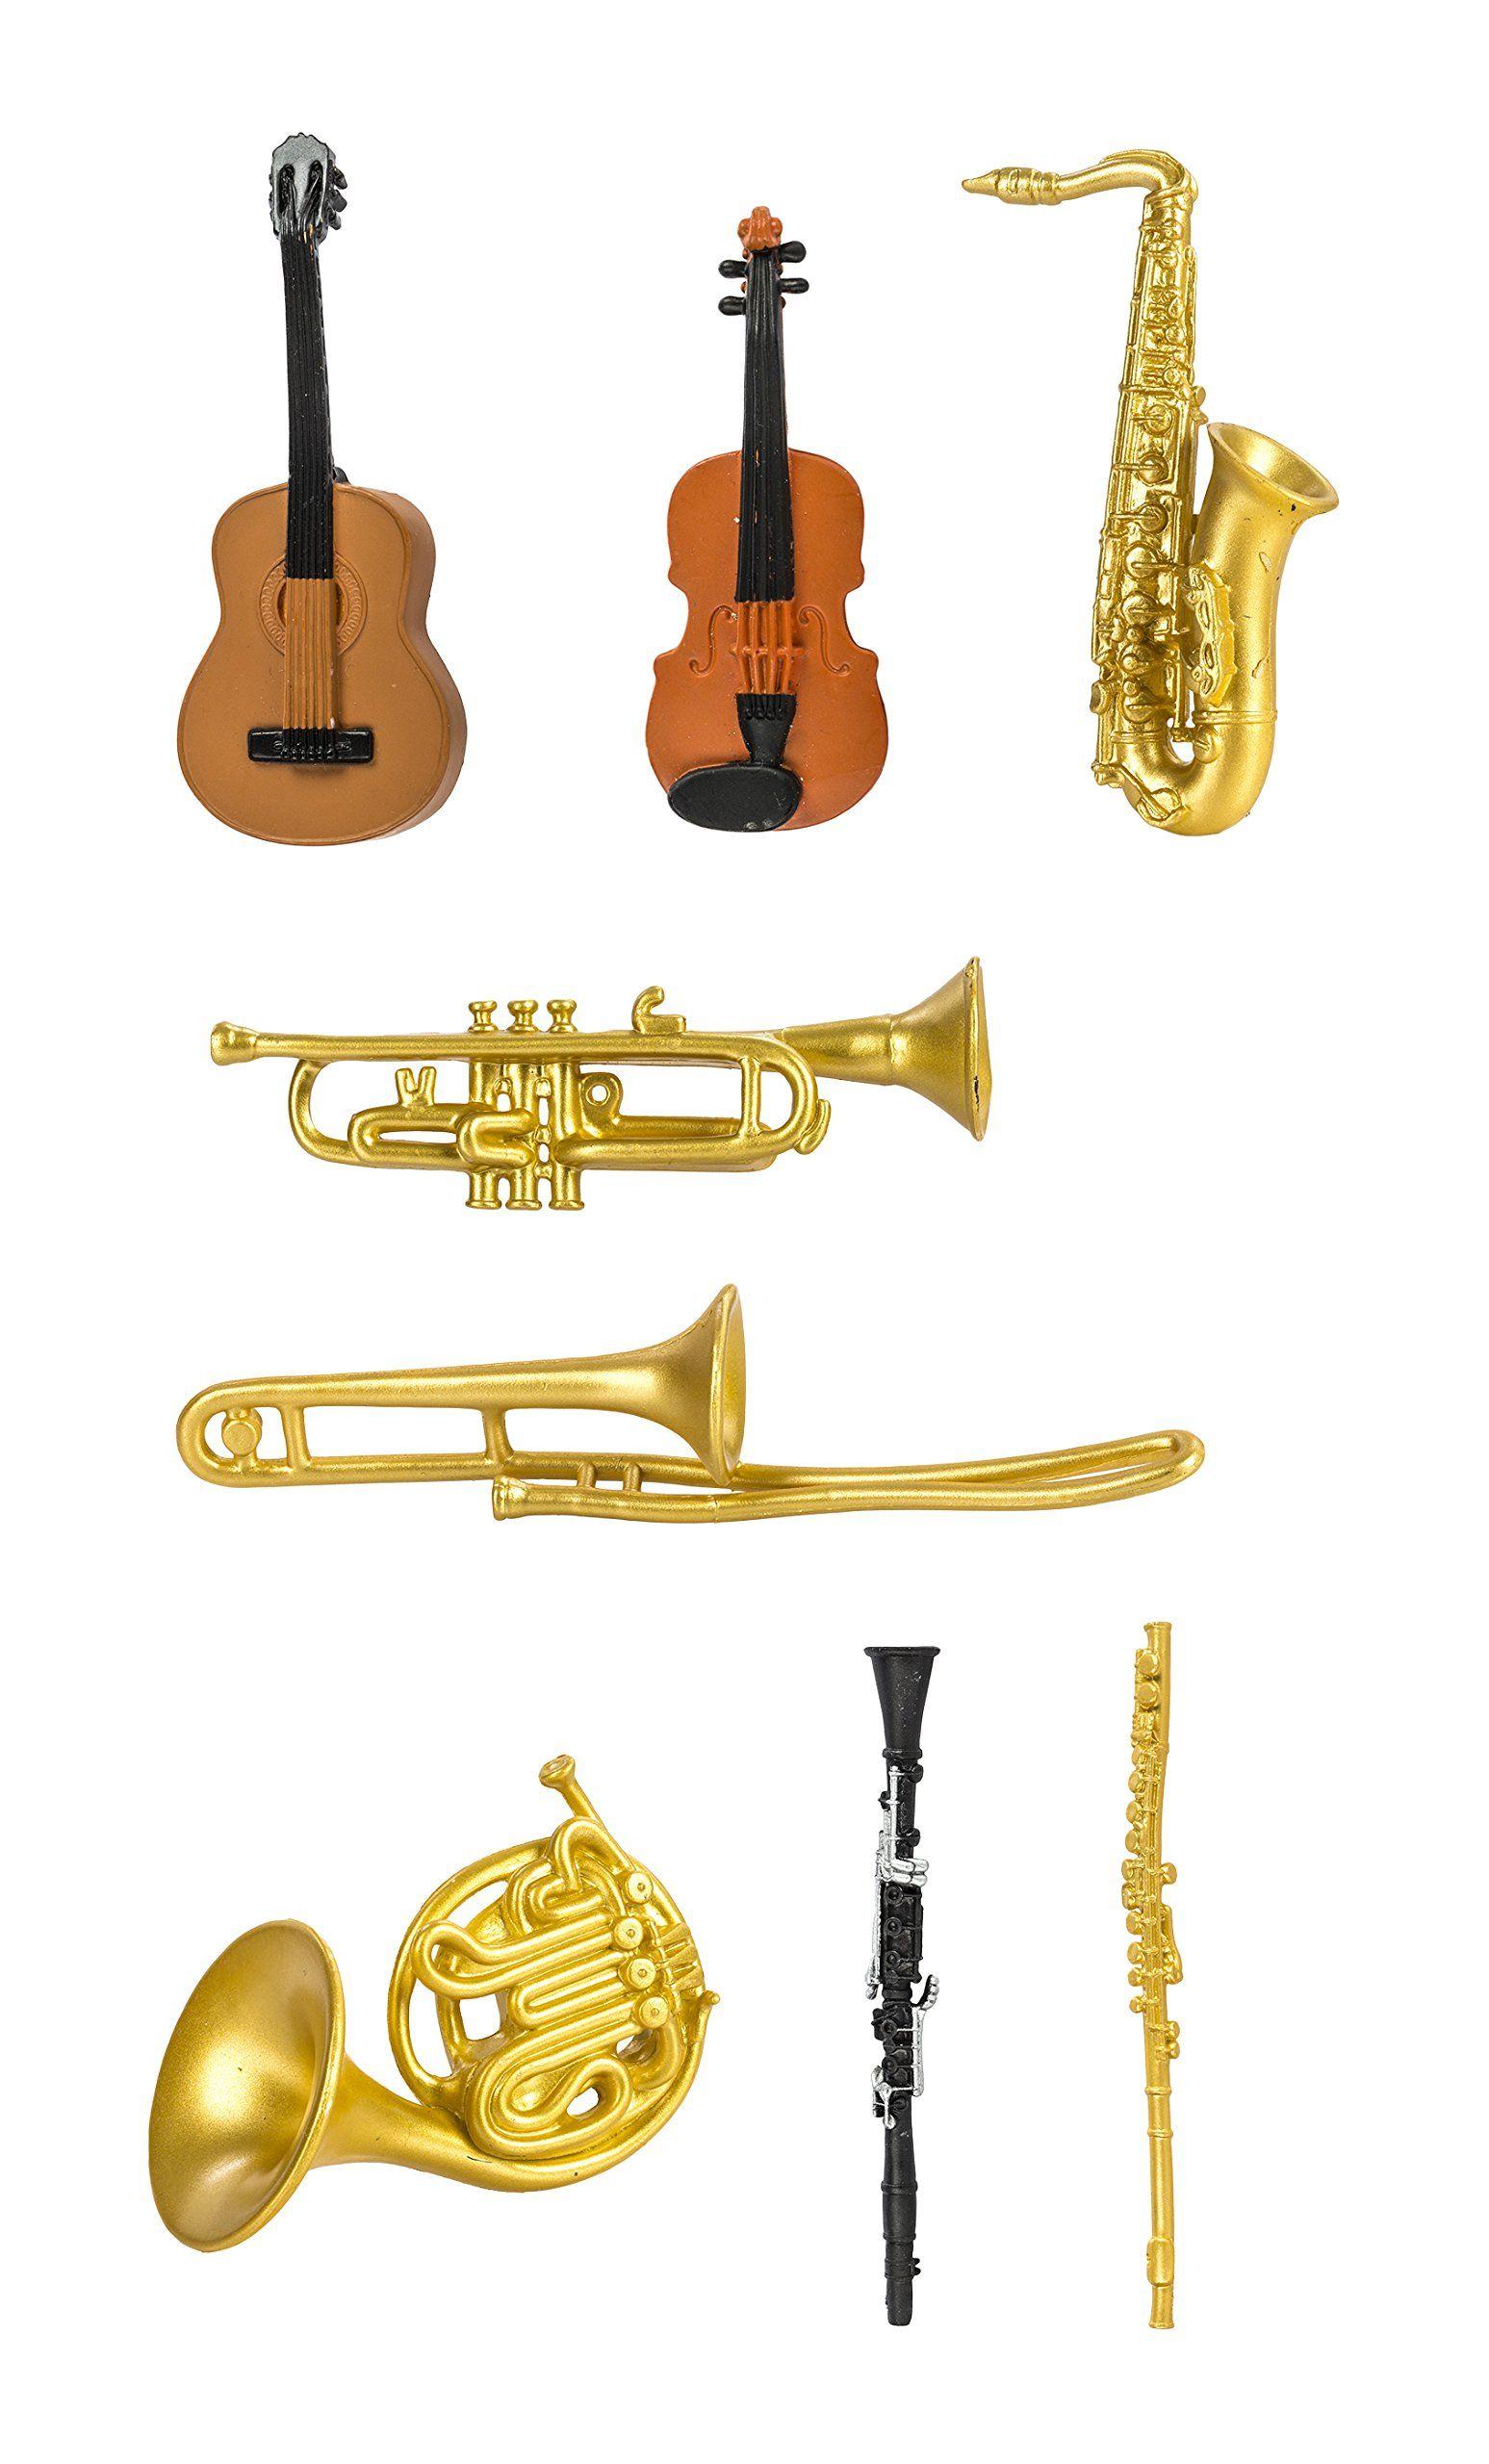 Miniatures En Plastique Toobs-Musical Instruments: Amazon.fr dedans Jeu Des Instruments De Musique